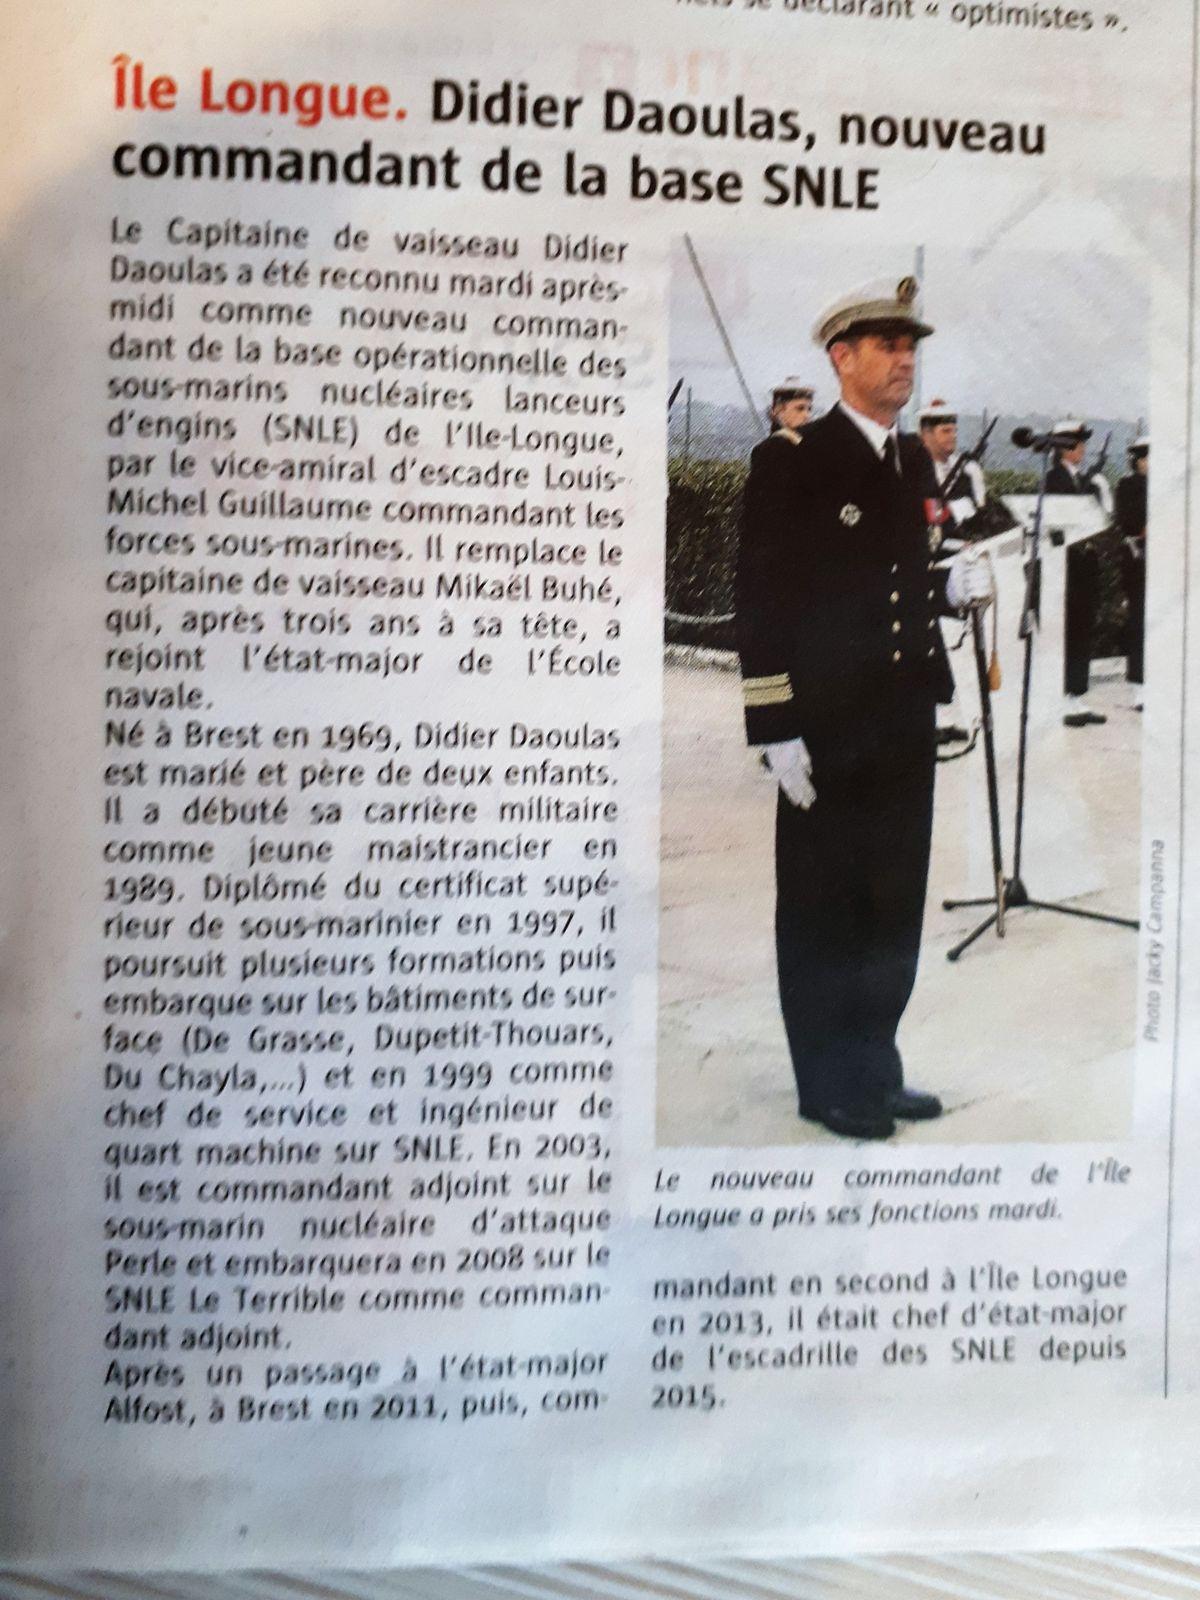 [Les bases de sous-marins] ILE LONGUE - Page 5 62692420170907113704